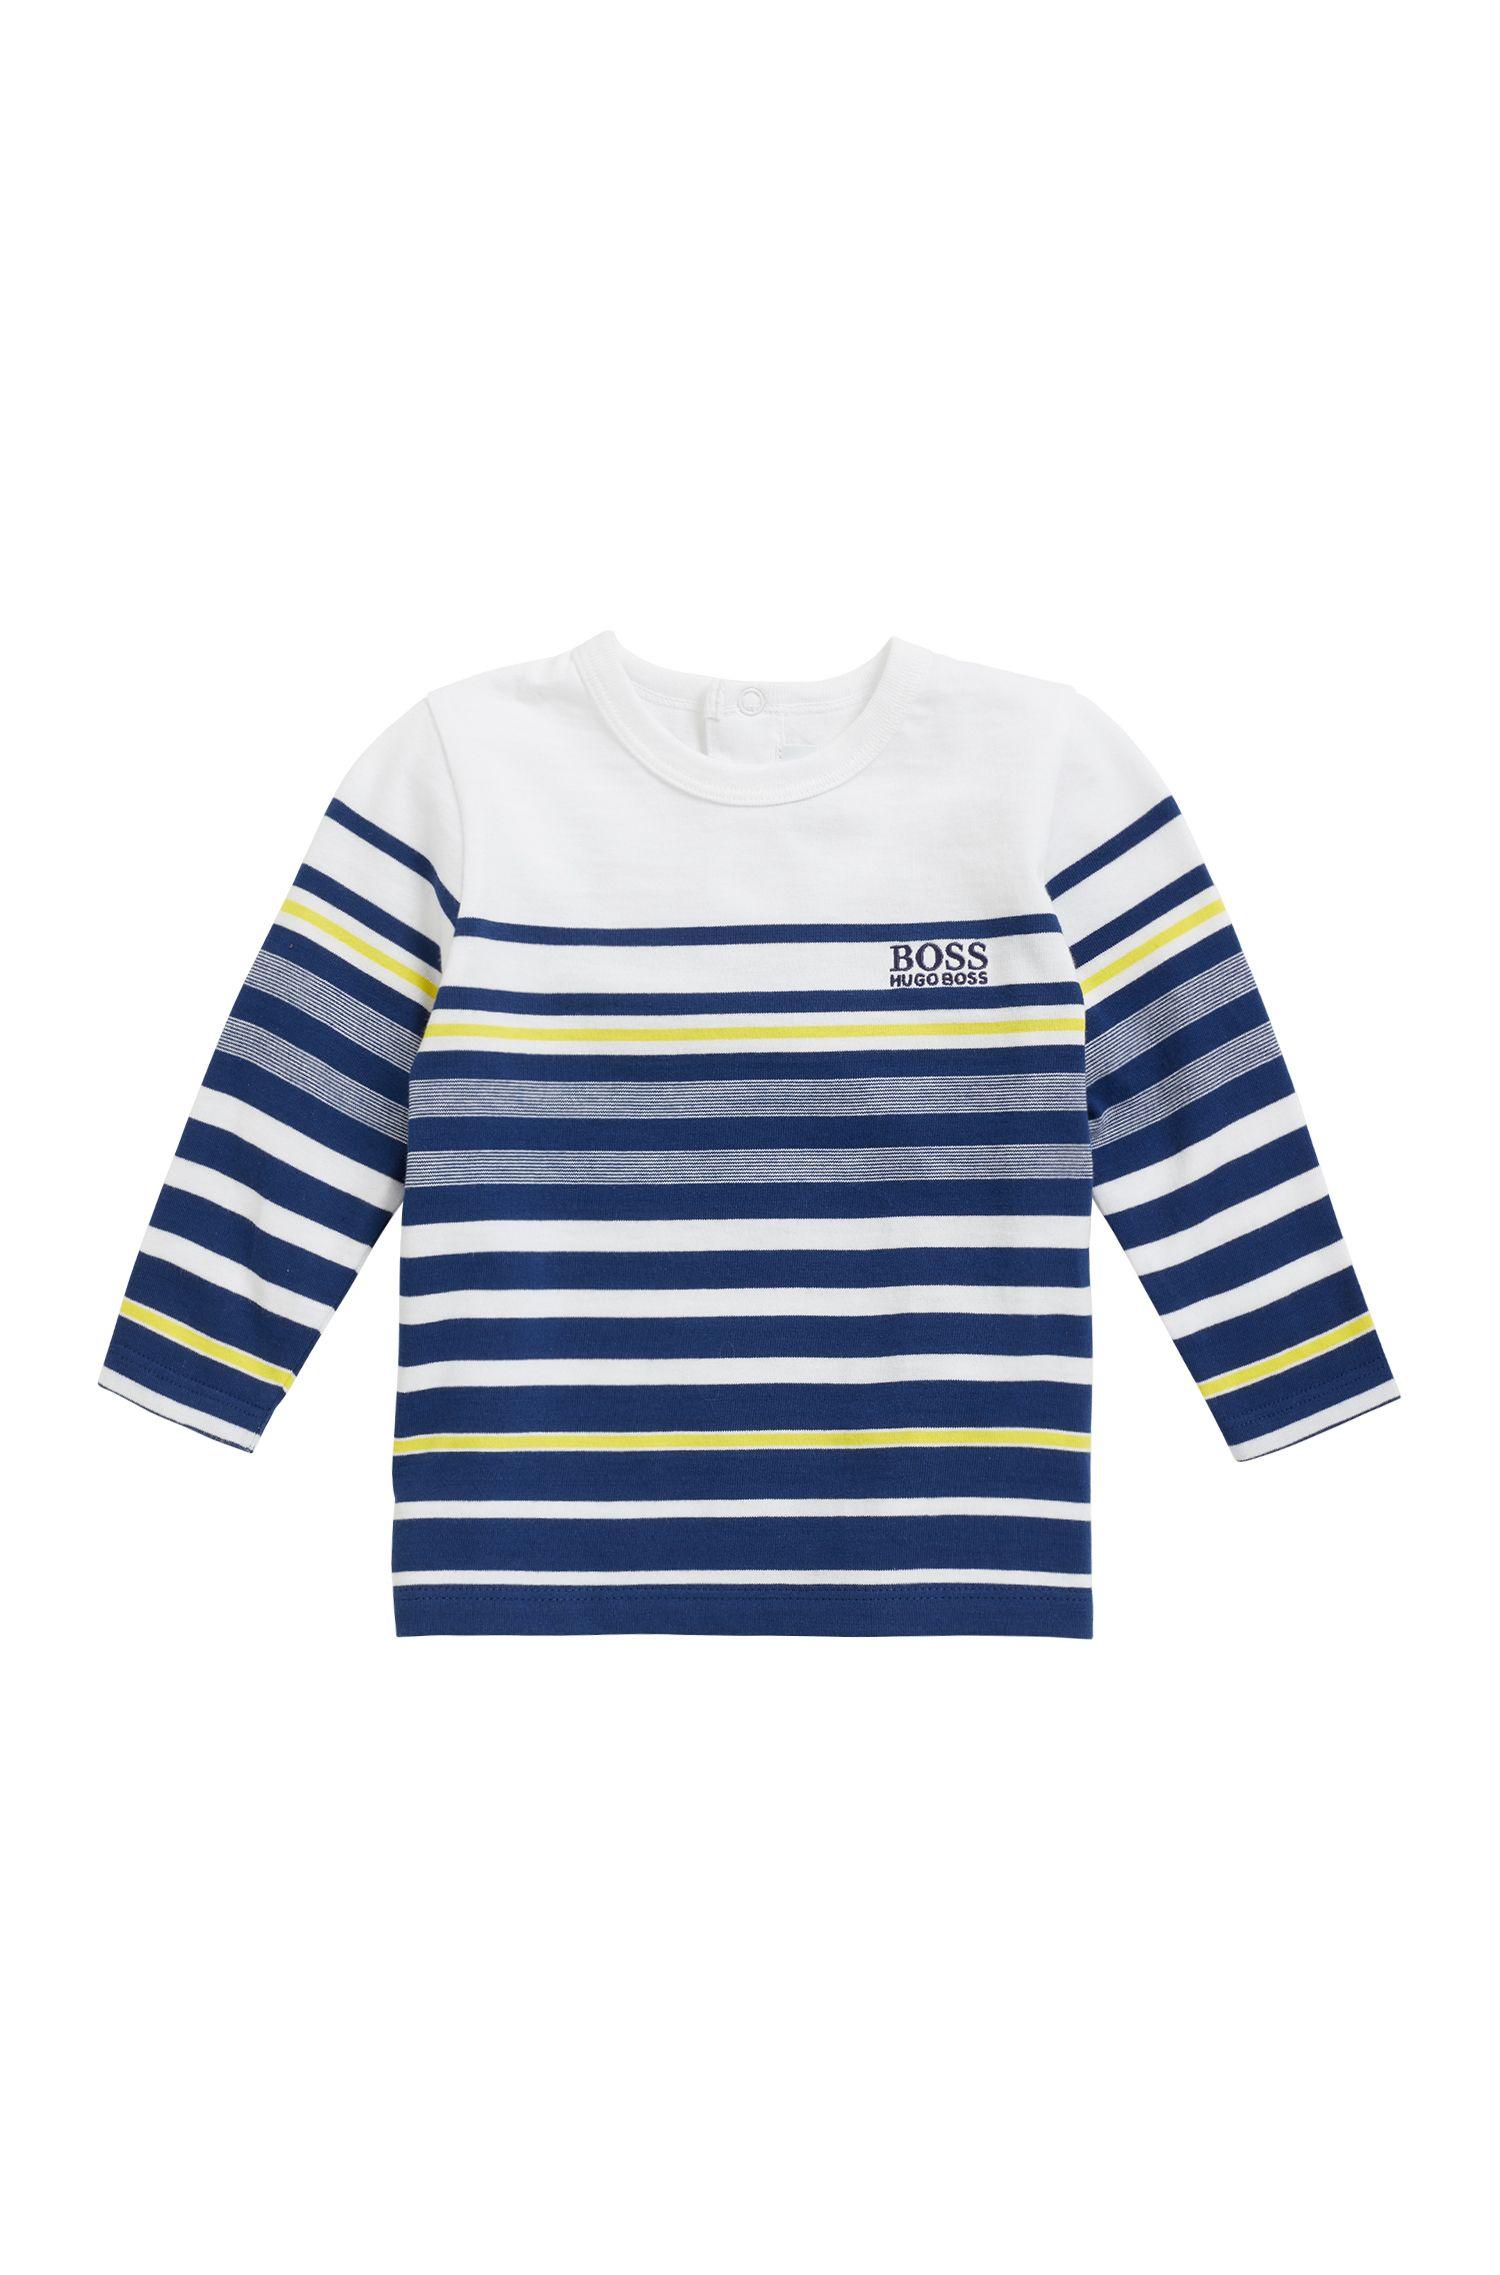 T-shirt da bambino in cotone a maniche lunghe